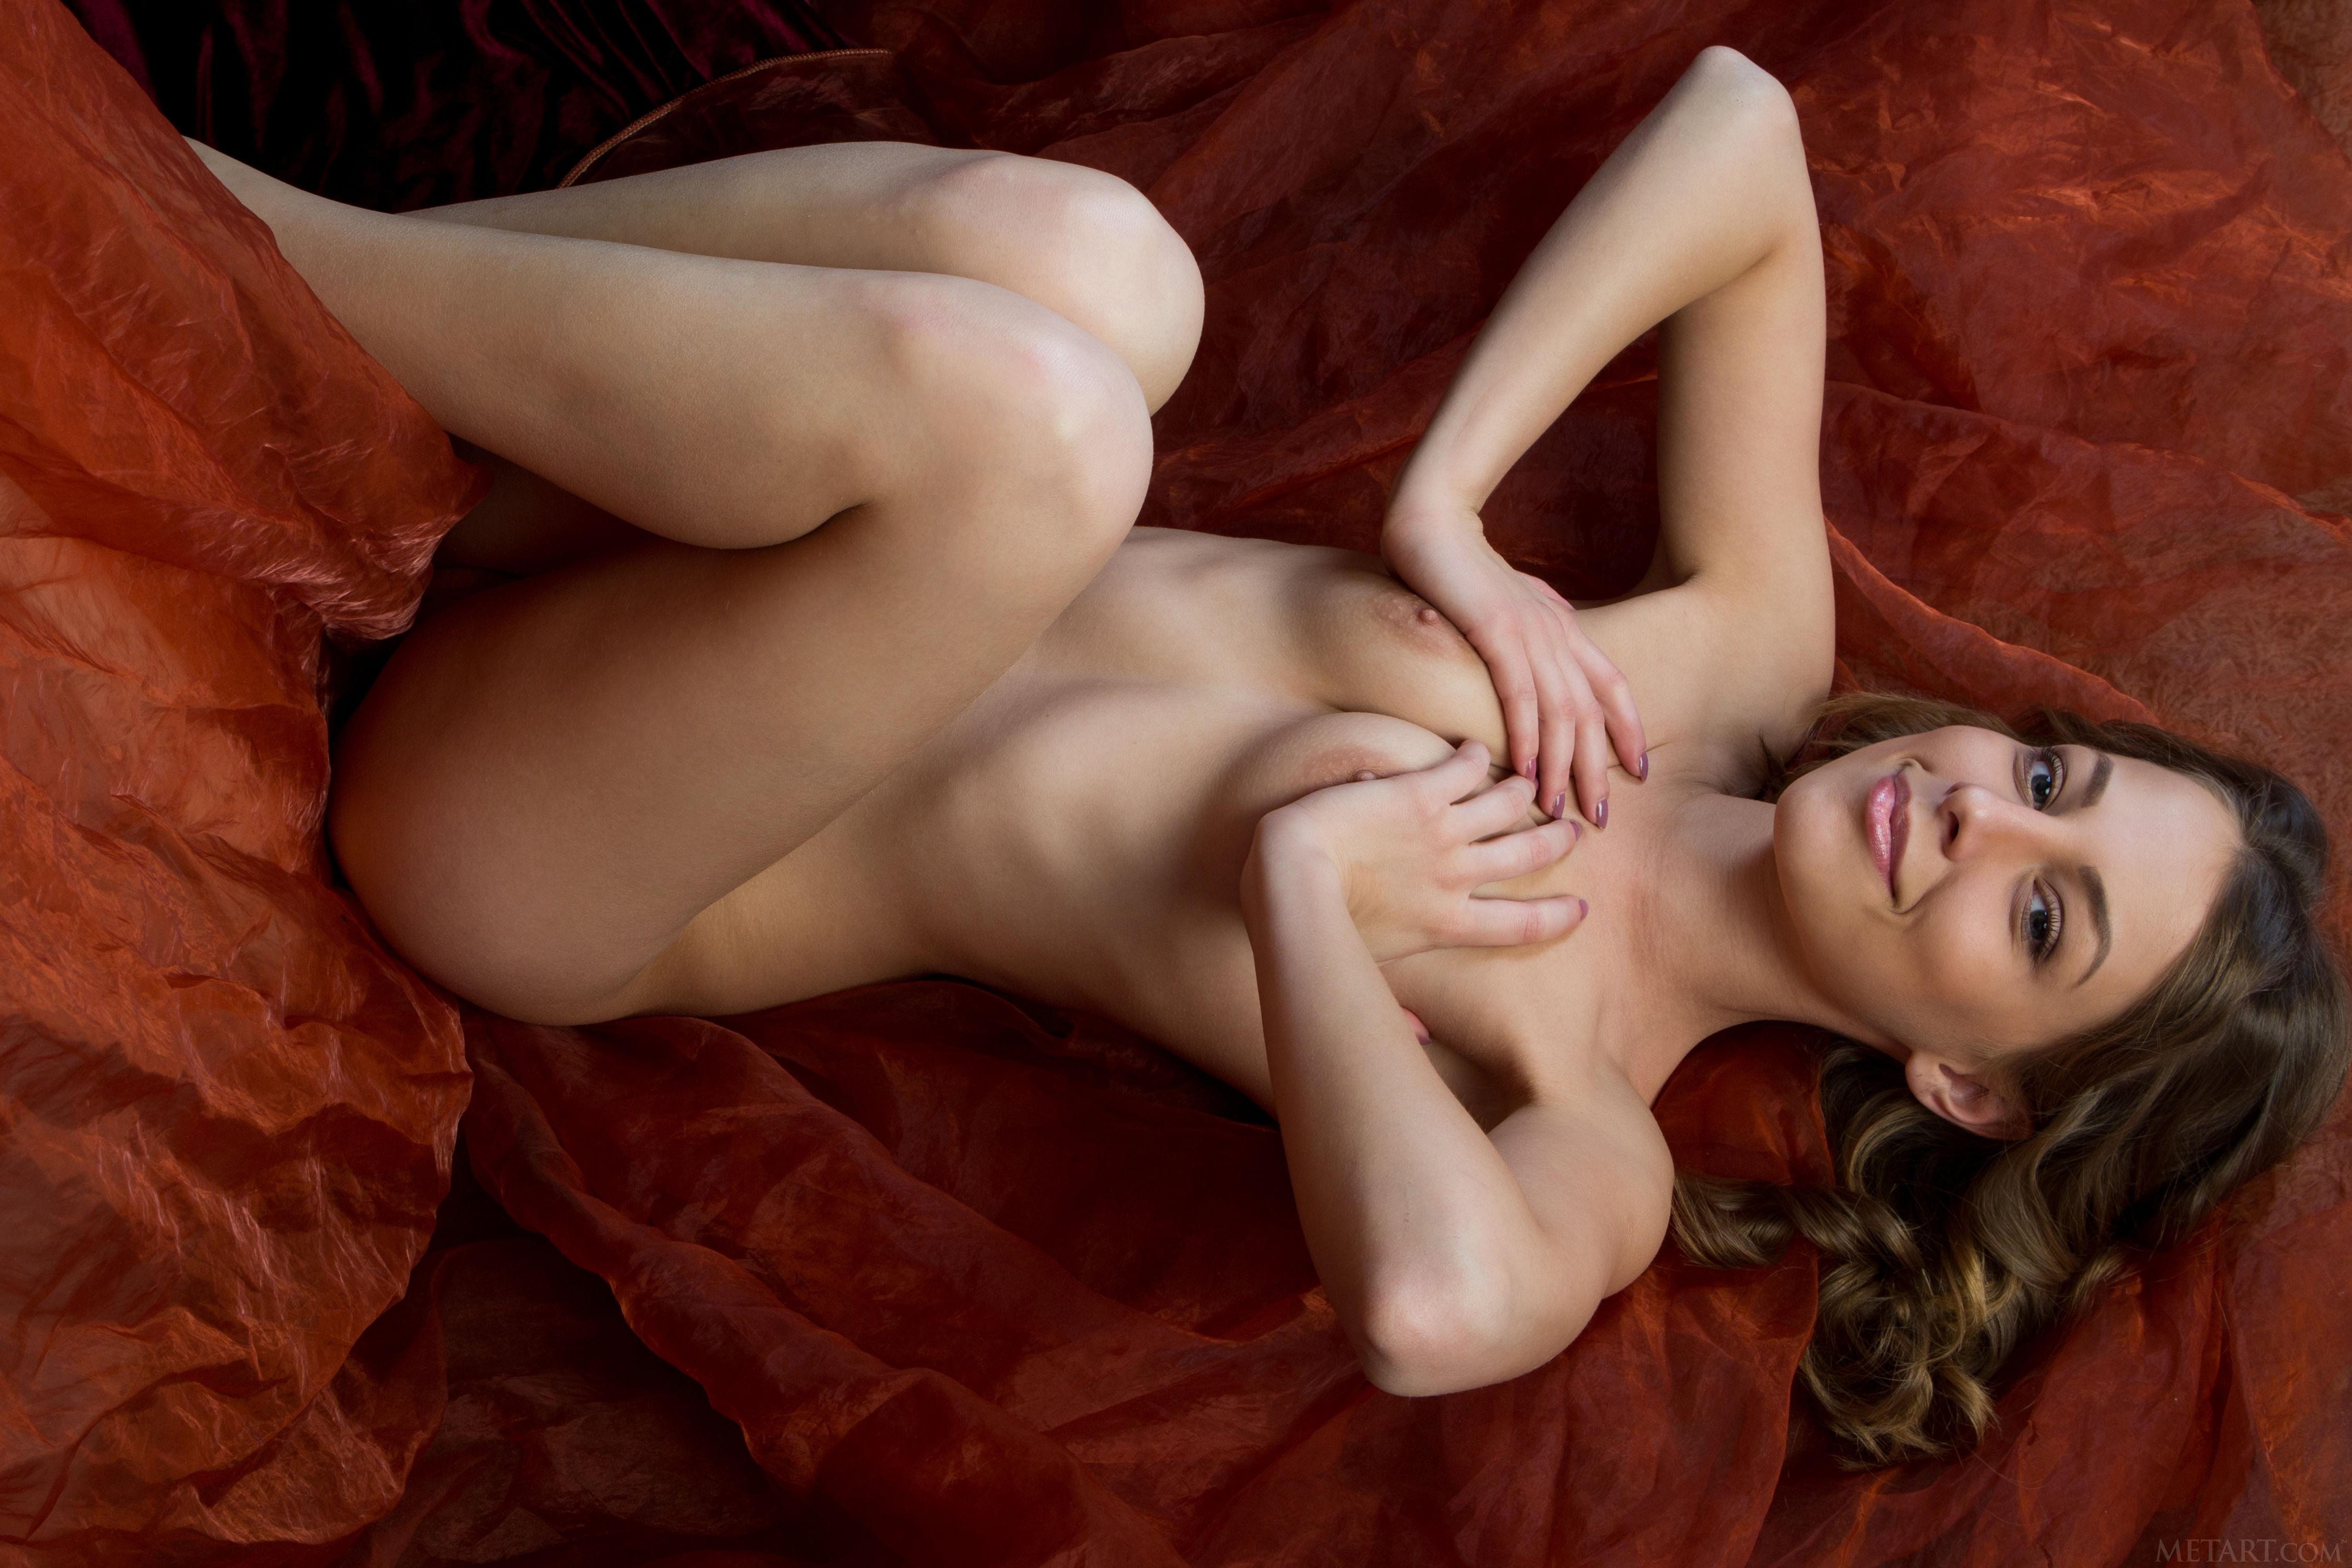 smotret-novinki-erotiki-besplatno